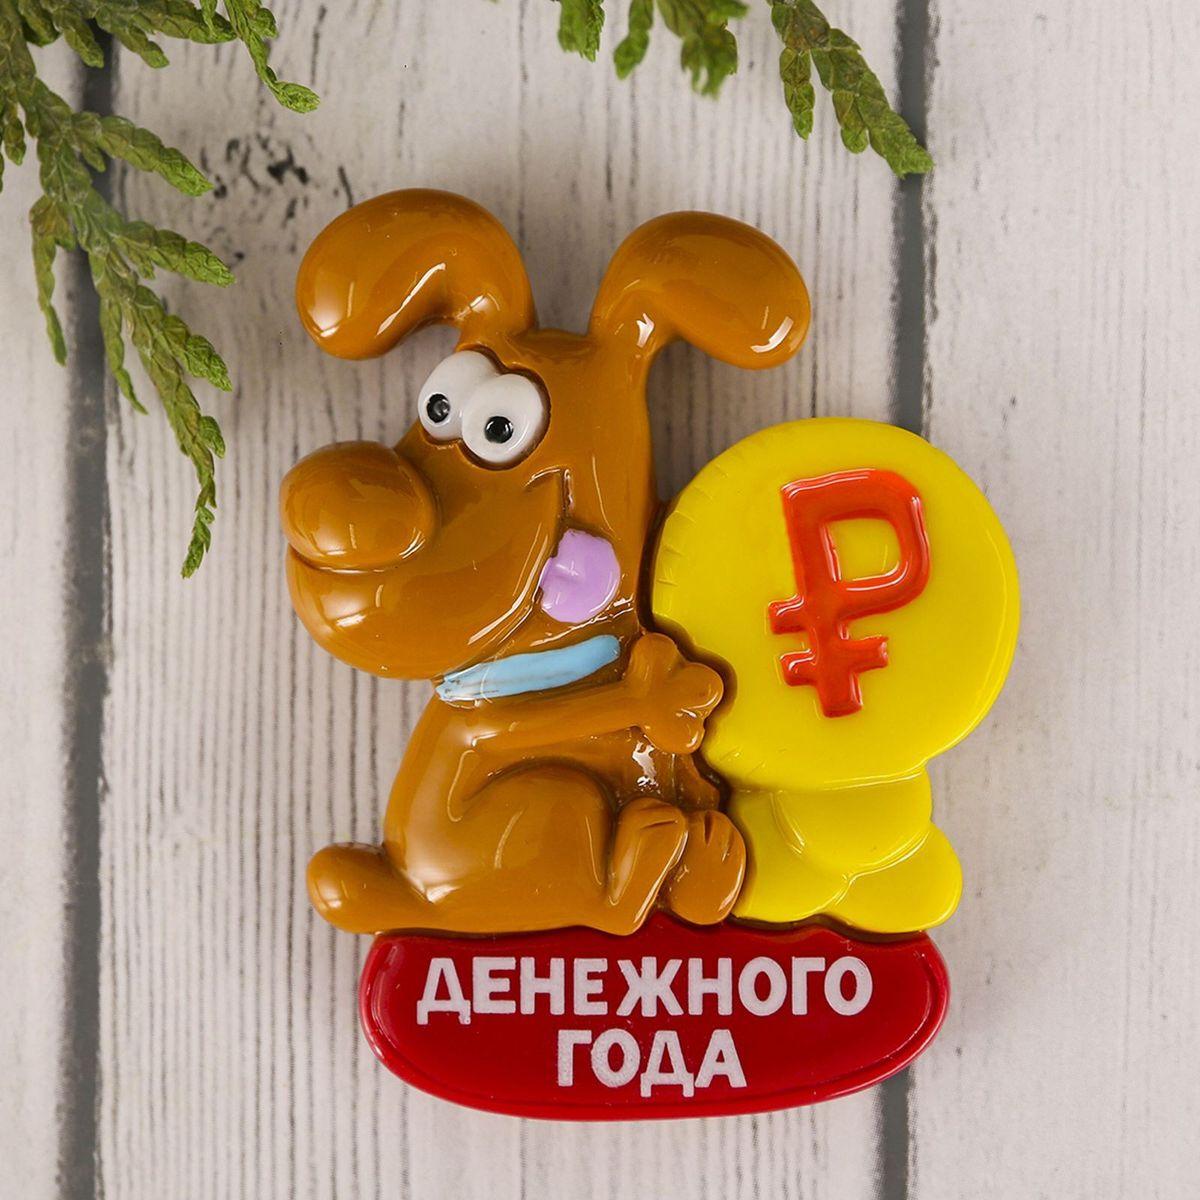 Магнит Sima-land Денежного года, цвет: светло-коричневый, желтый, 5 х 4,5 см кармашки на стену sima land люблю школу цвет красный желтый коричневый 5 шт